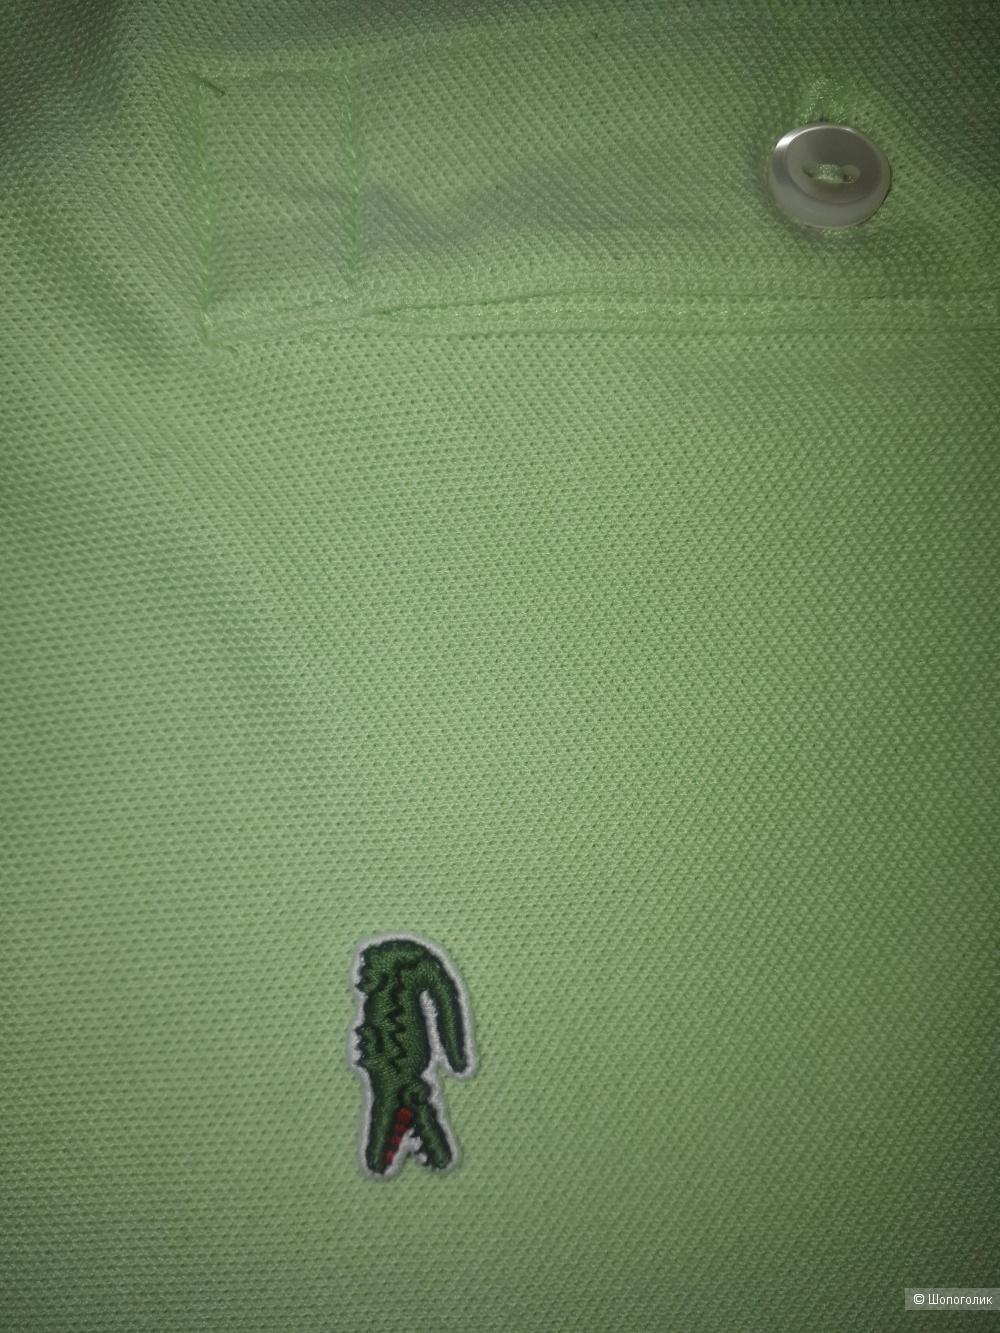 Lacoste женское поло мятного цвета. Размер евро 42 (наш  48).